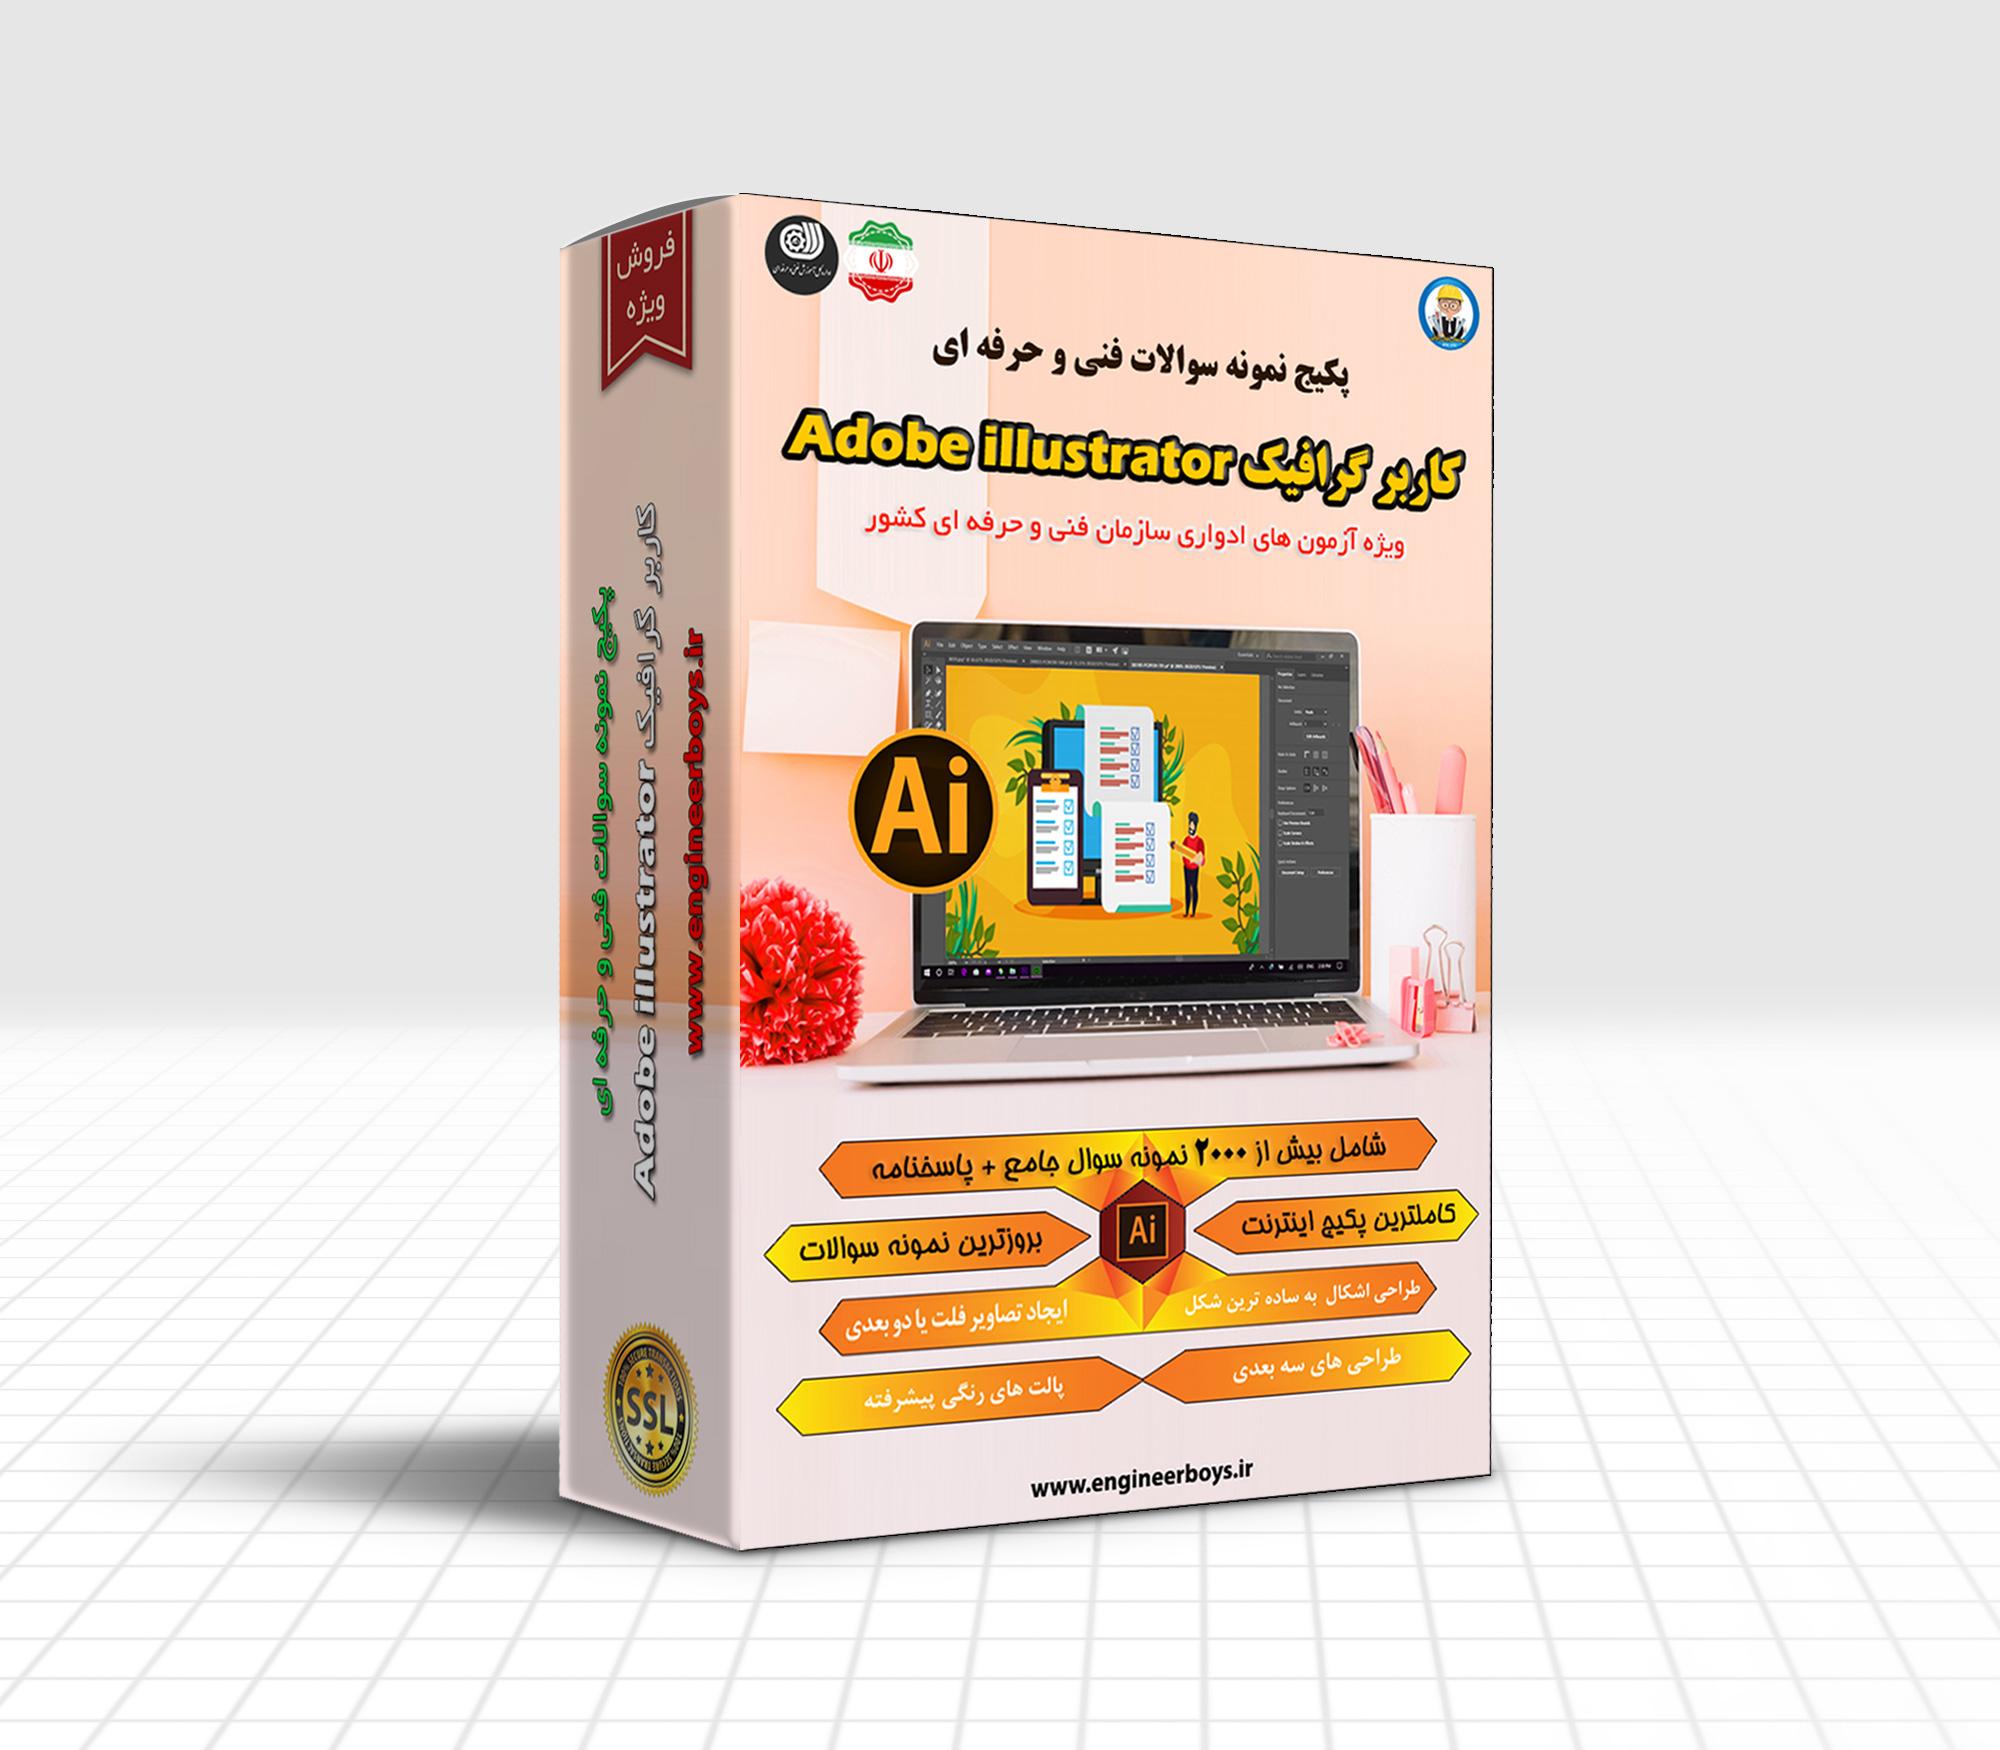 پکیج نمونه سوالات کاربر گرافیک Adobe illustrator ویژه آزمون های فنی وحرفه ای ۱۳۹۹